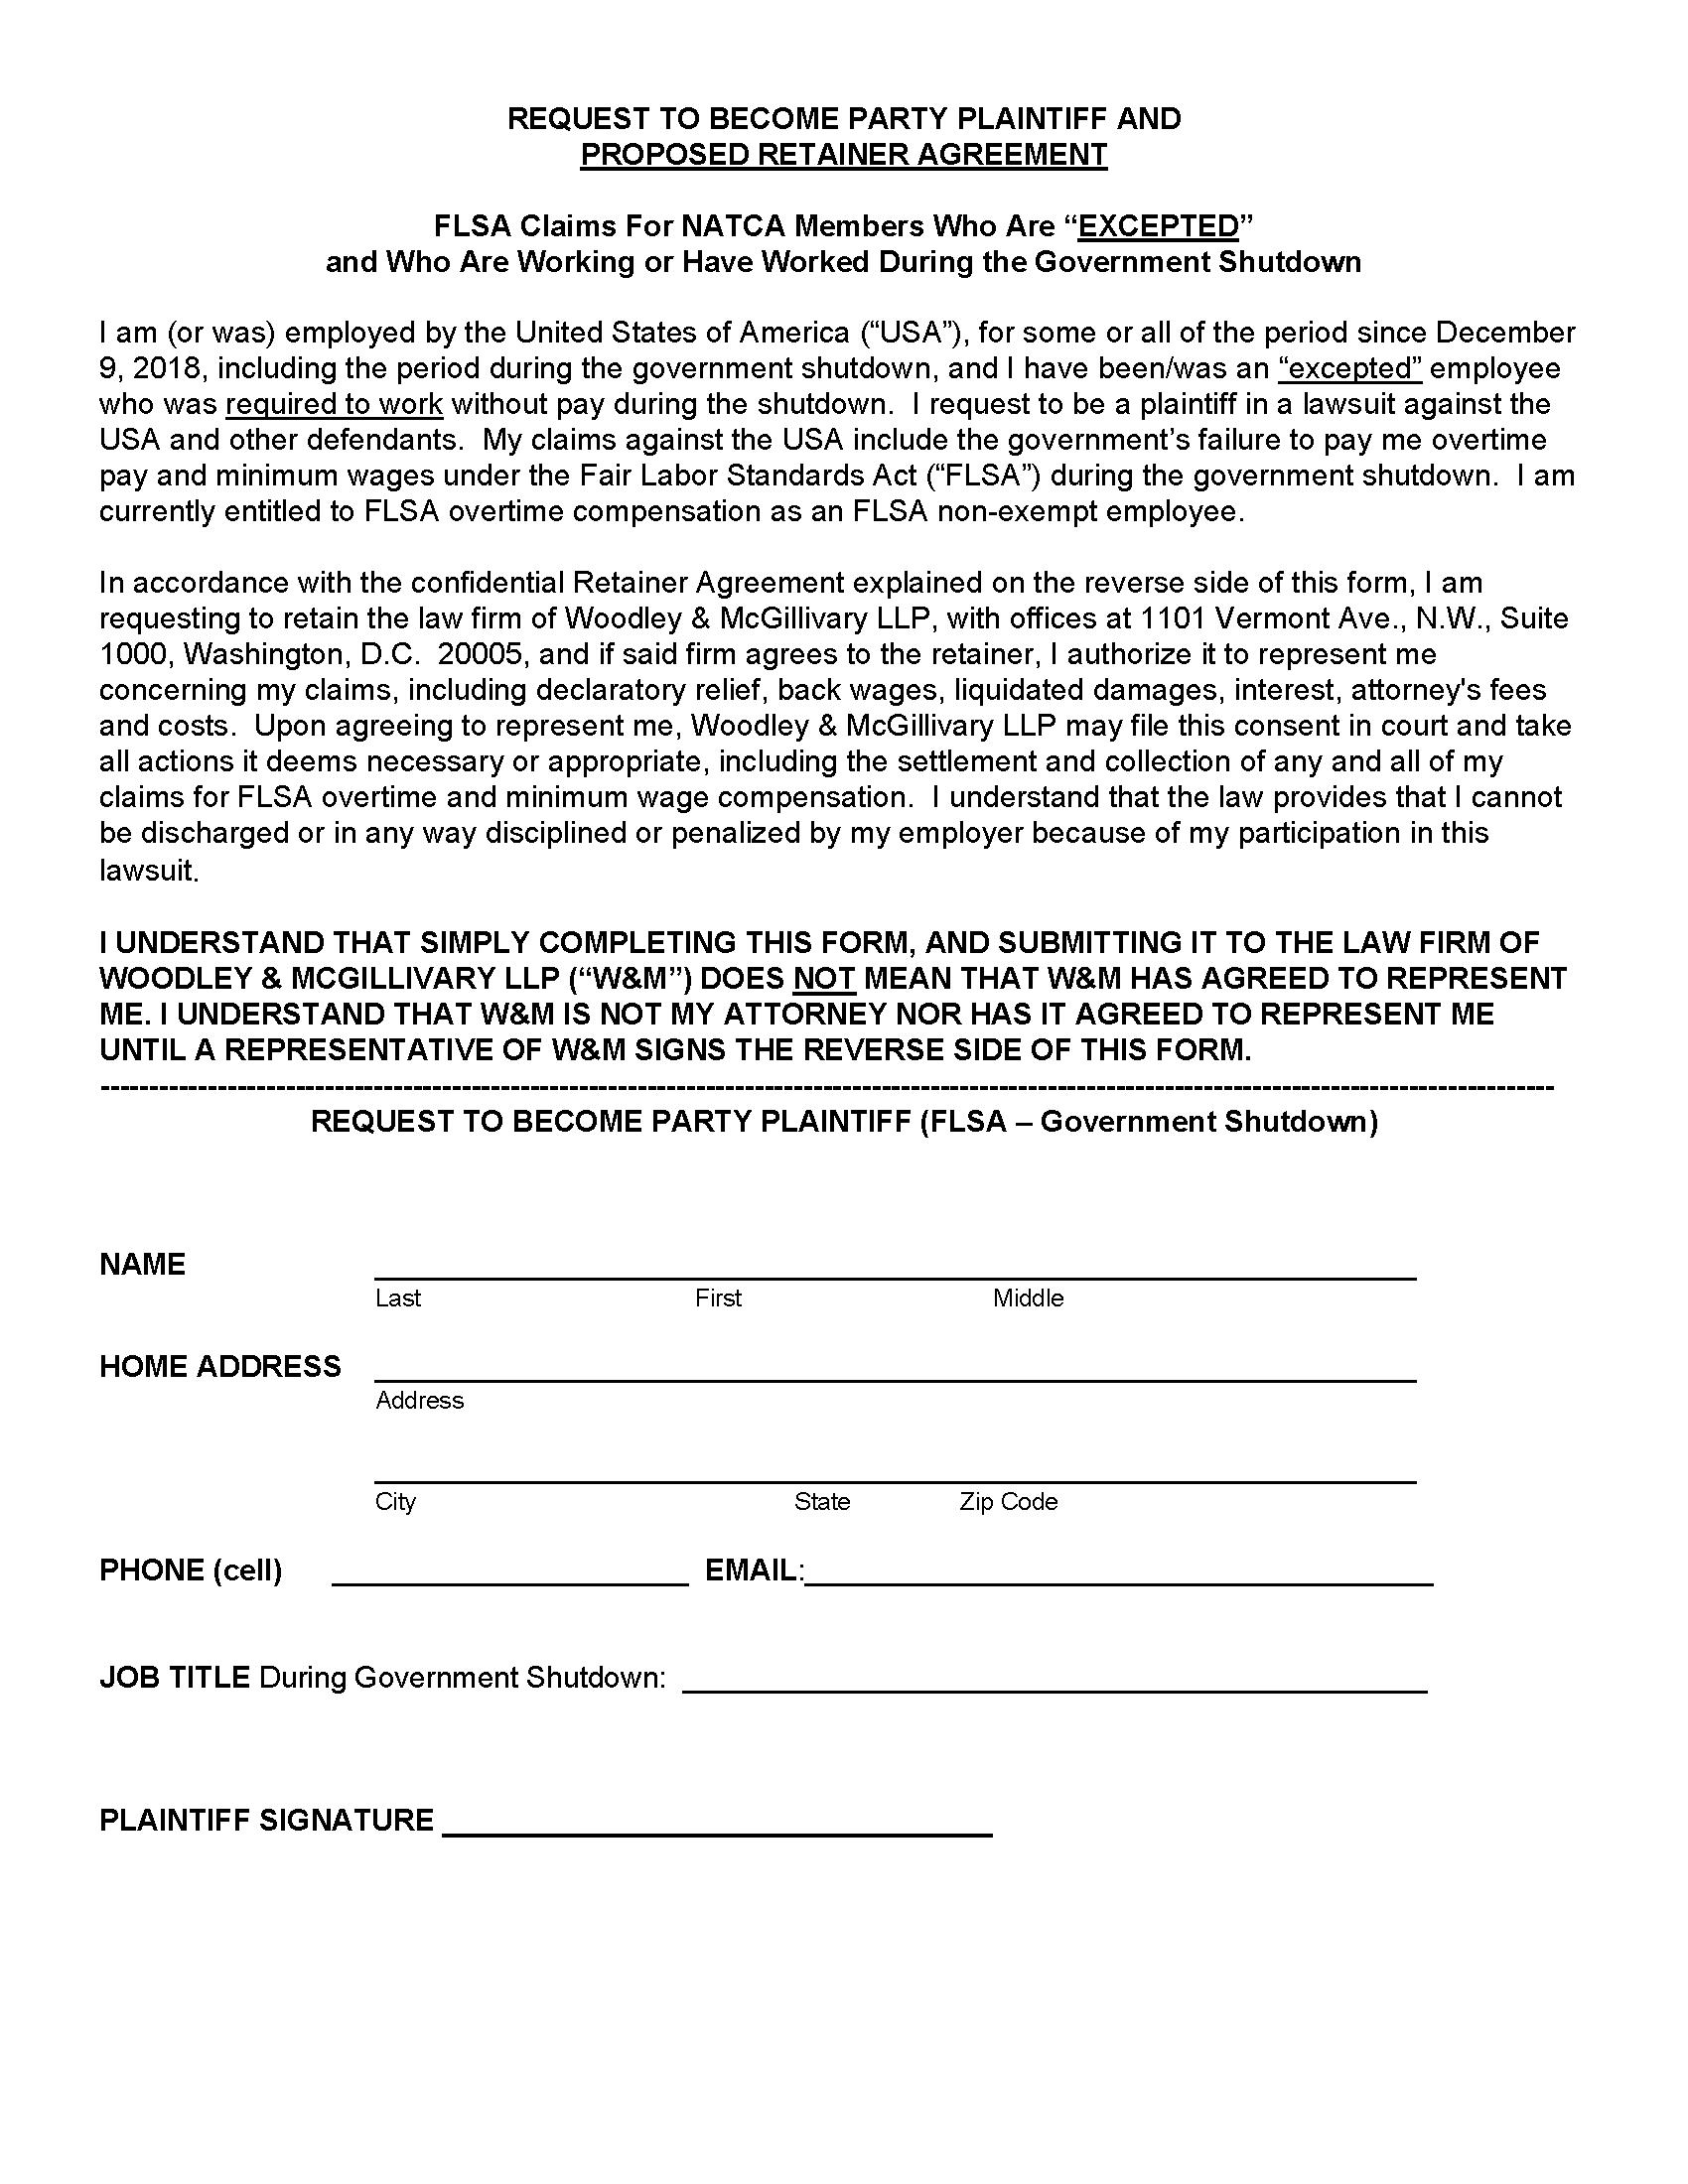 56659 NATCA Government Shutdown Consent Signoff1 Page 1